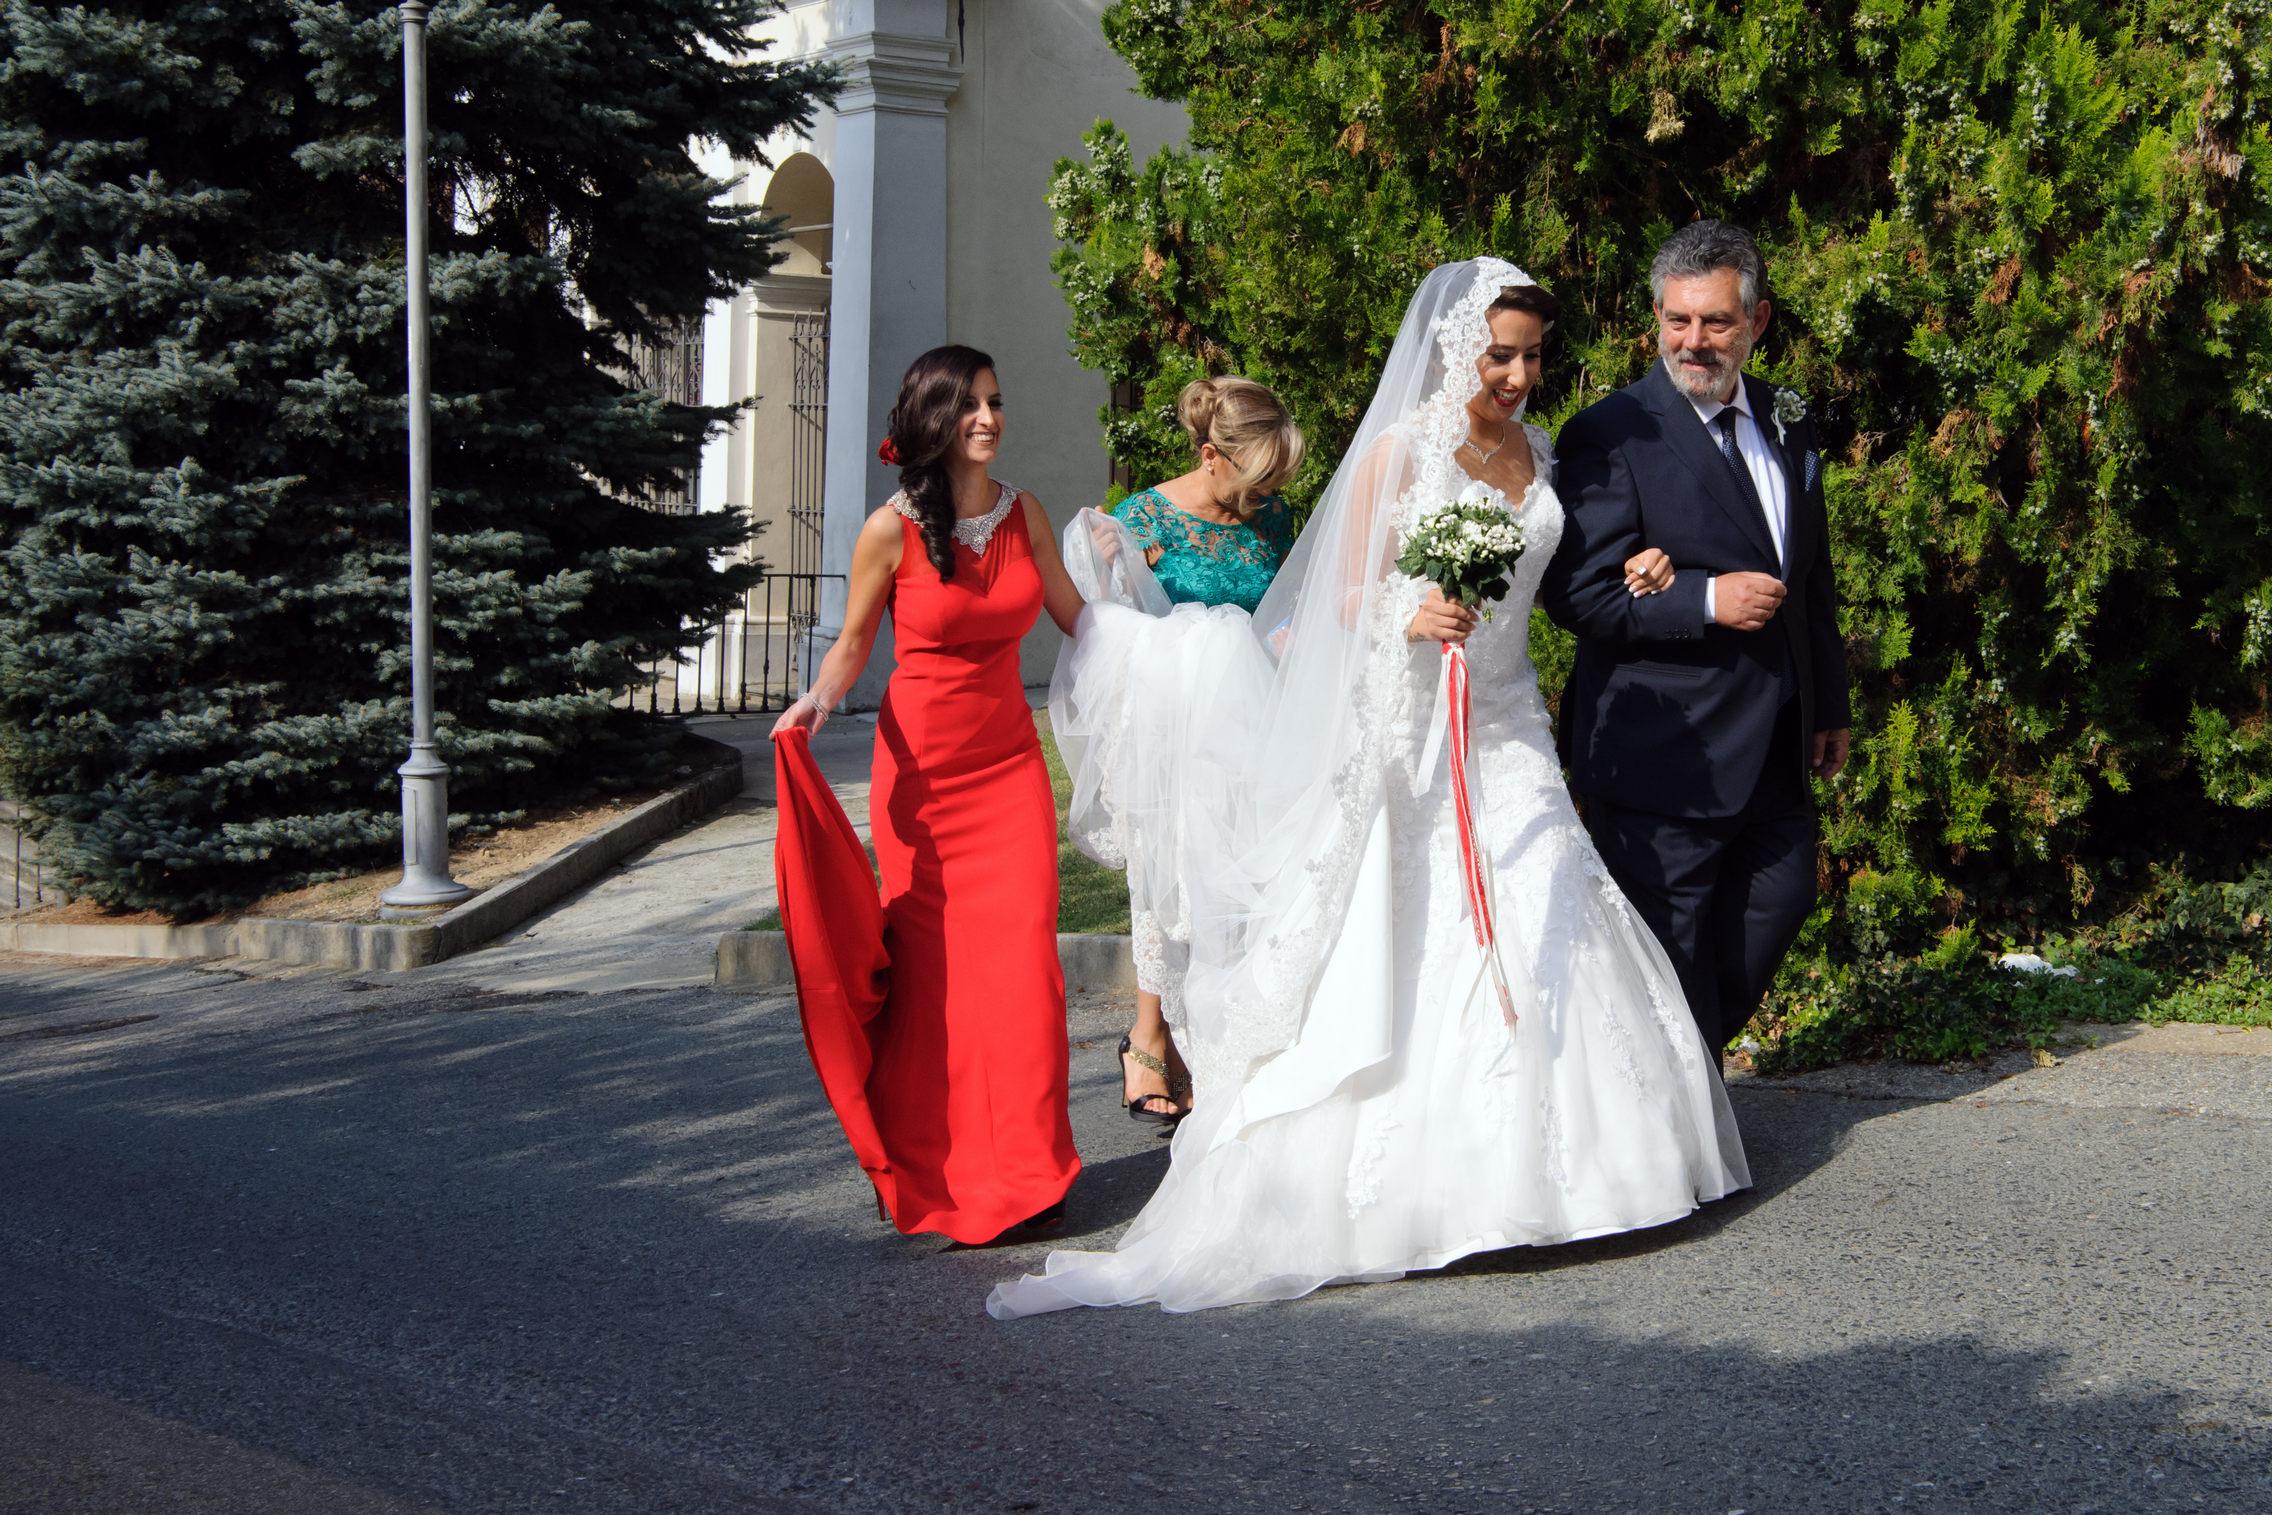 bride arrival - arrivo della sposa